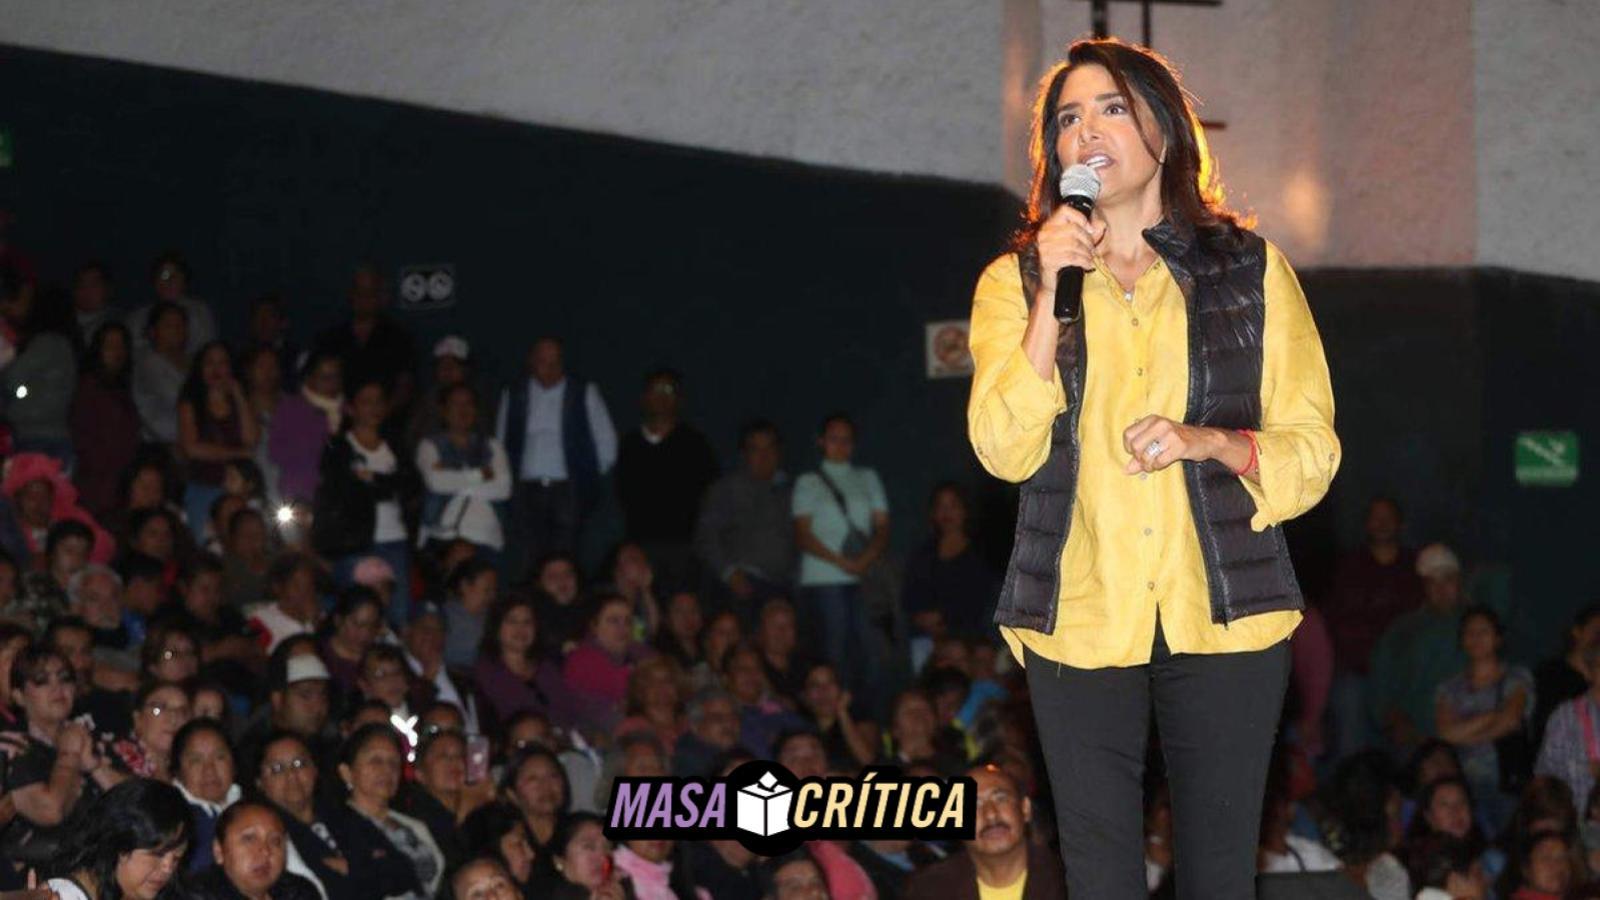 Alejandra BArrales precandidata del PRD a la CDMX